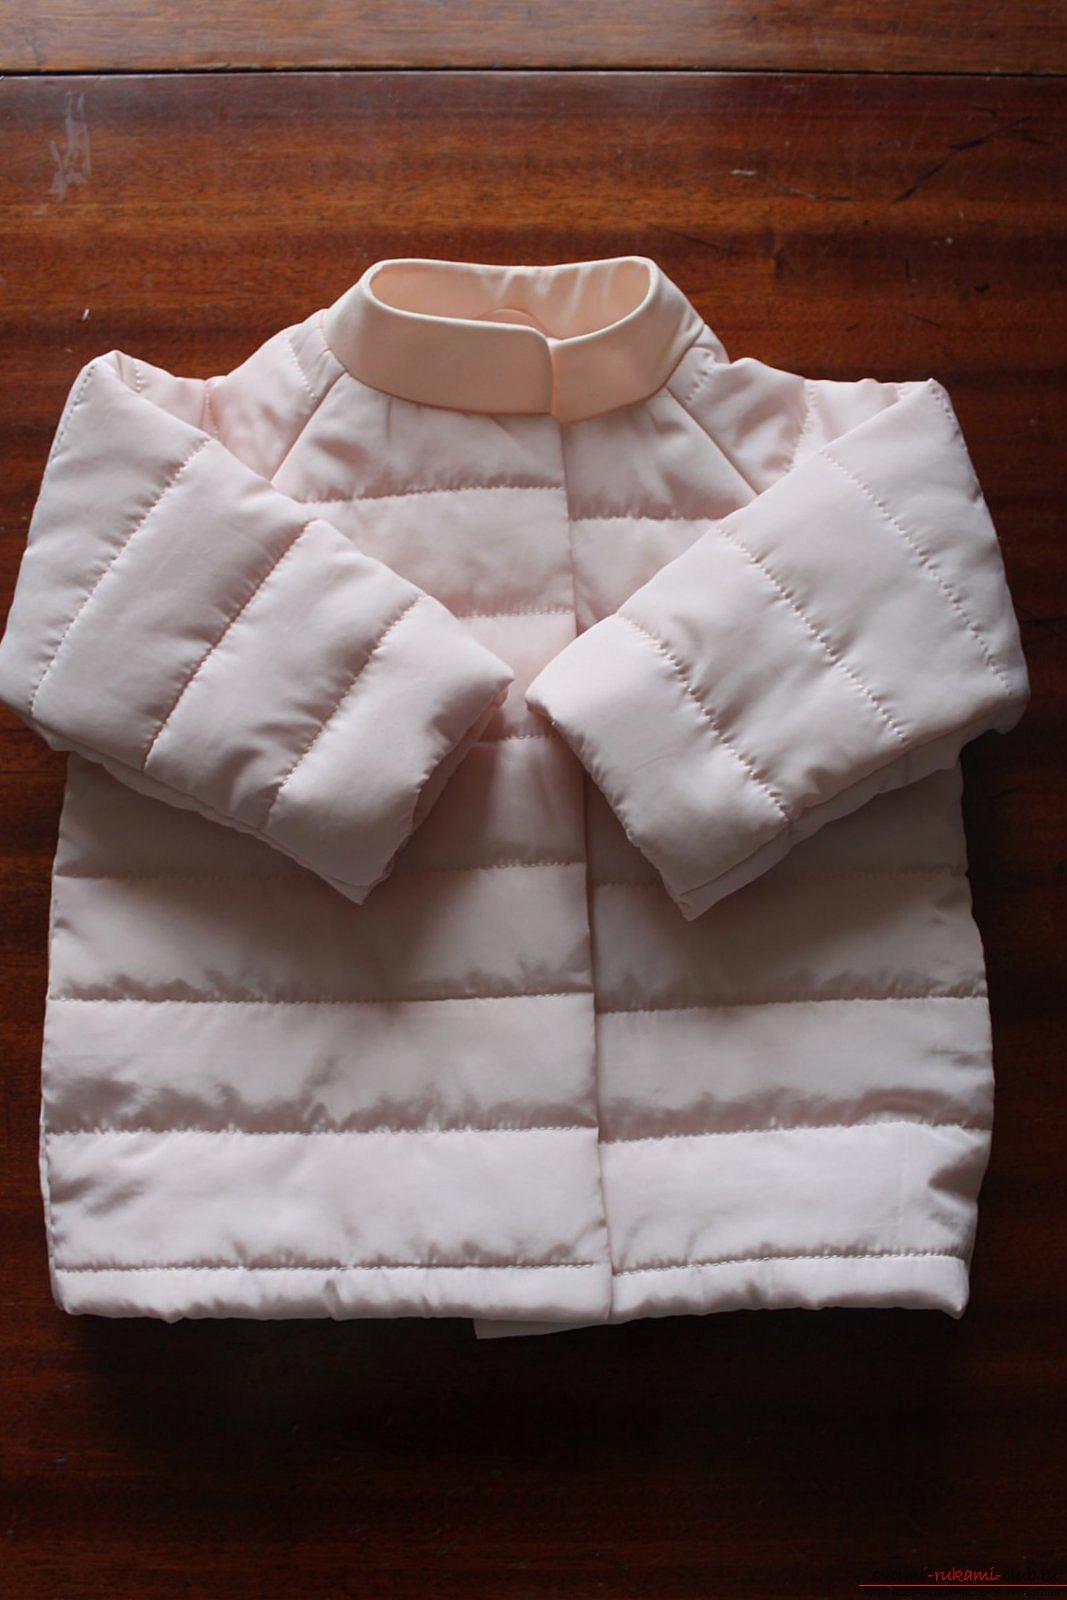 Этот мастер-класс с выкройкой одежды для девочек, фото и описанием шитья детской одежды расскажет как сшить куртки для девочек.. Фото №48